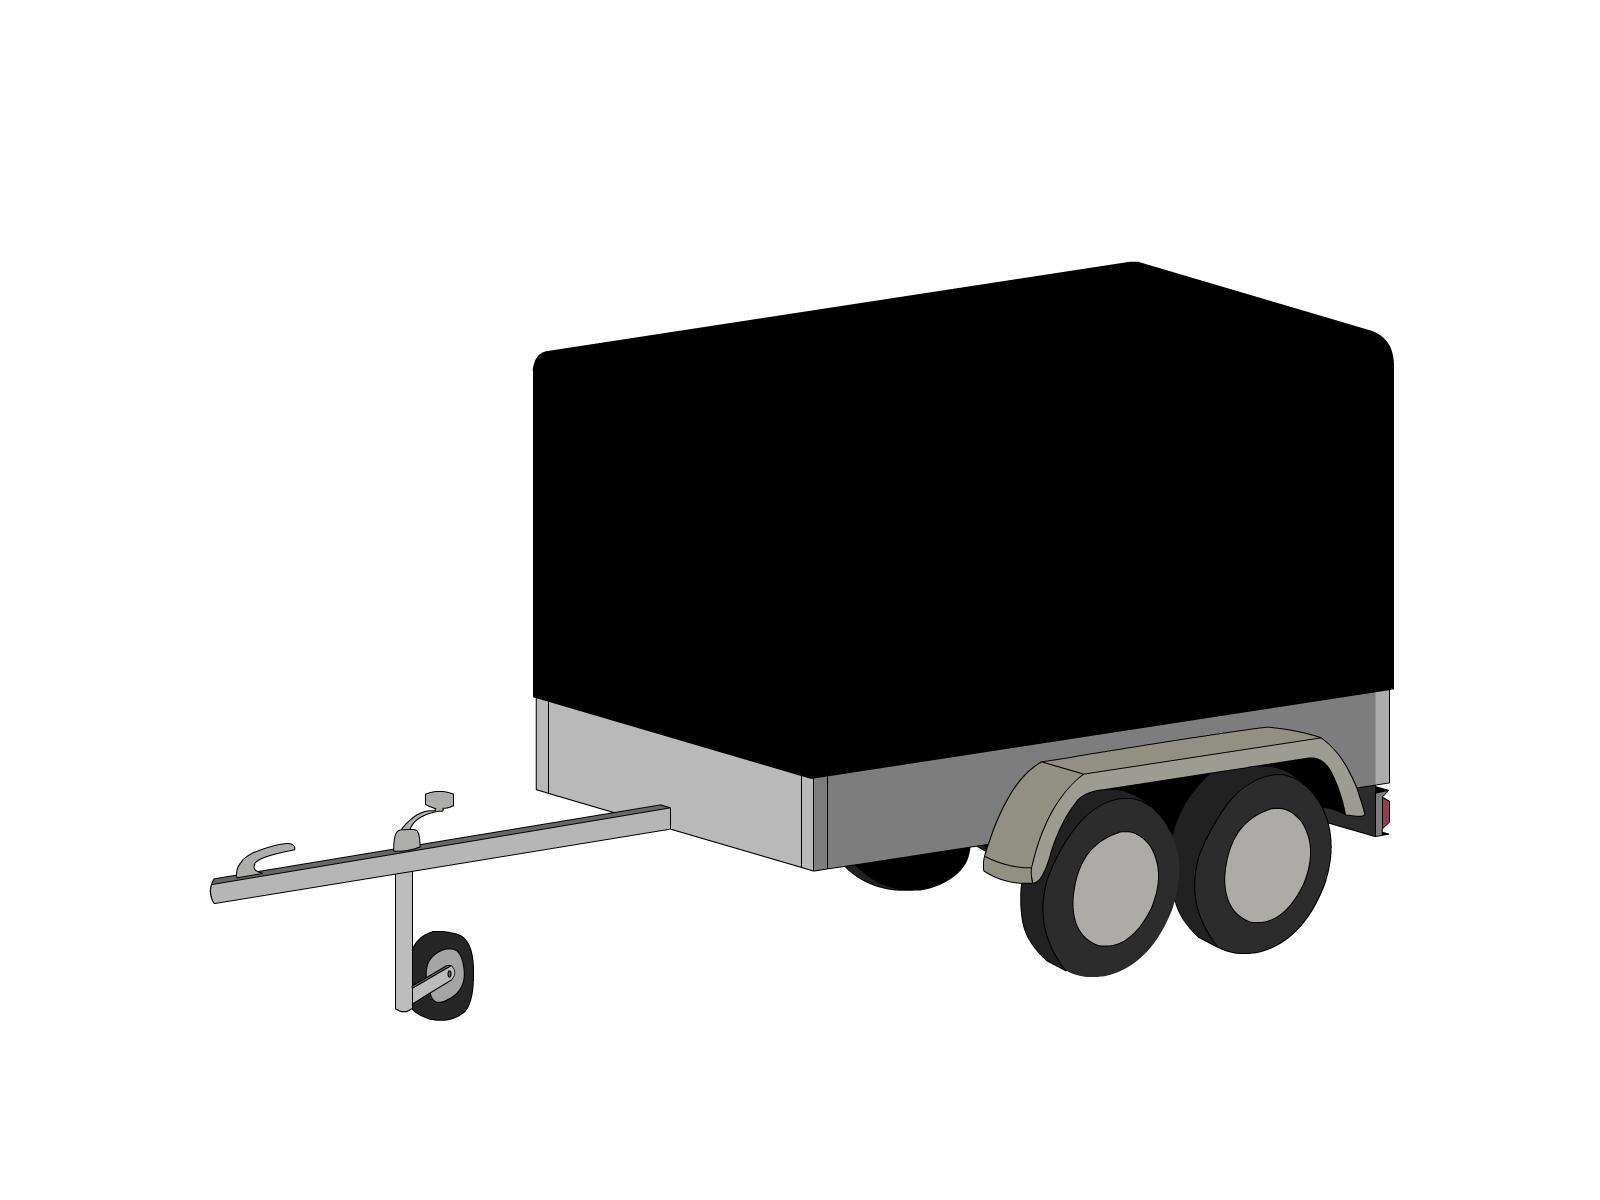 Bâche pour remorque bagagère bord arrondi droite 2 essieux